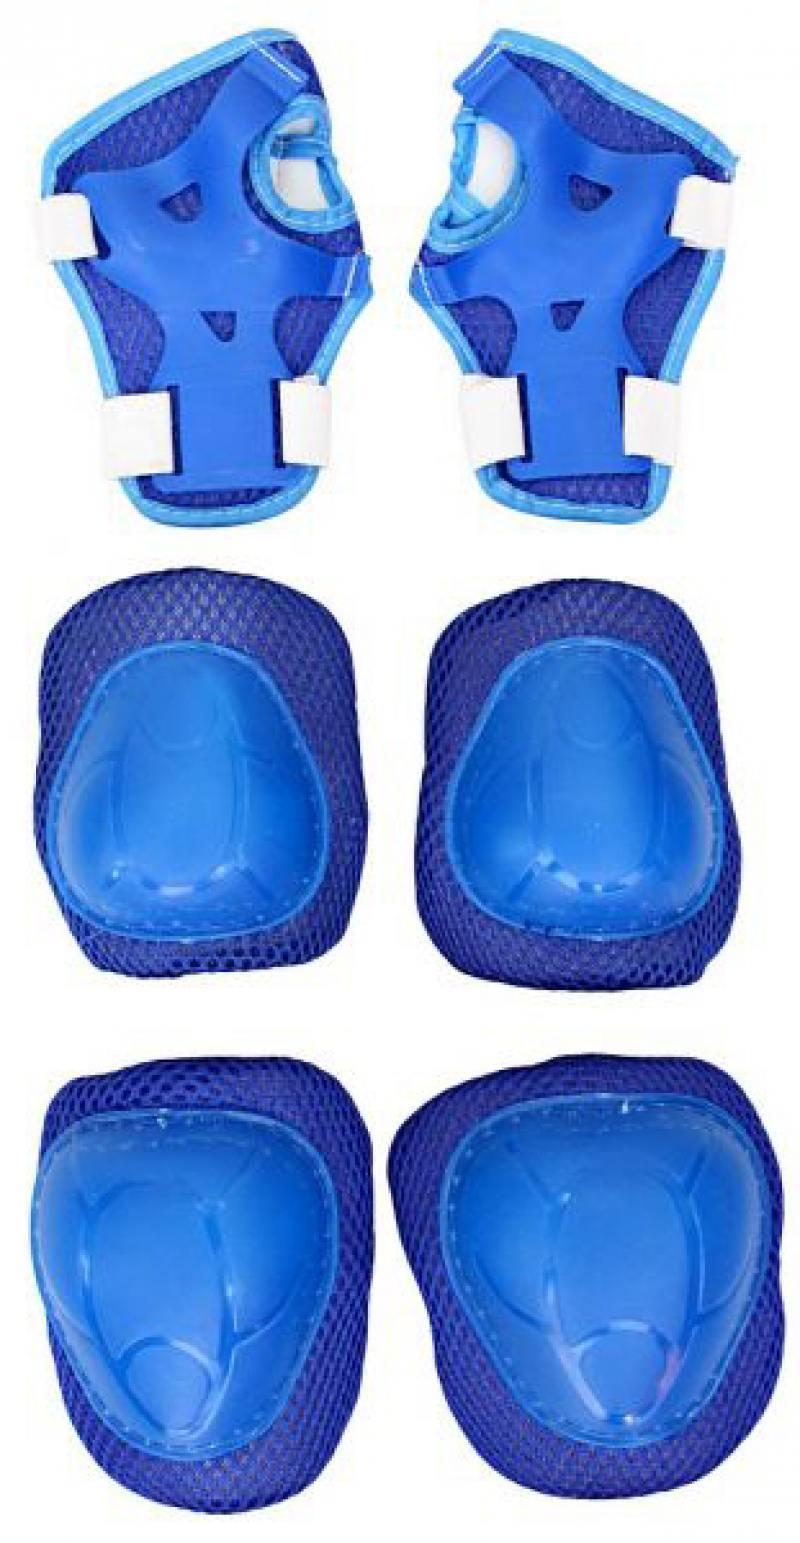 Комплект защиты Rich Toys YWHJ-022 144405 M синий комплект защиты tech team roller star m black